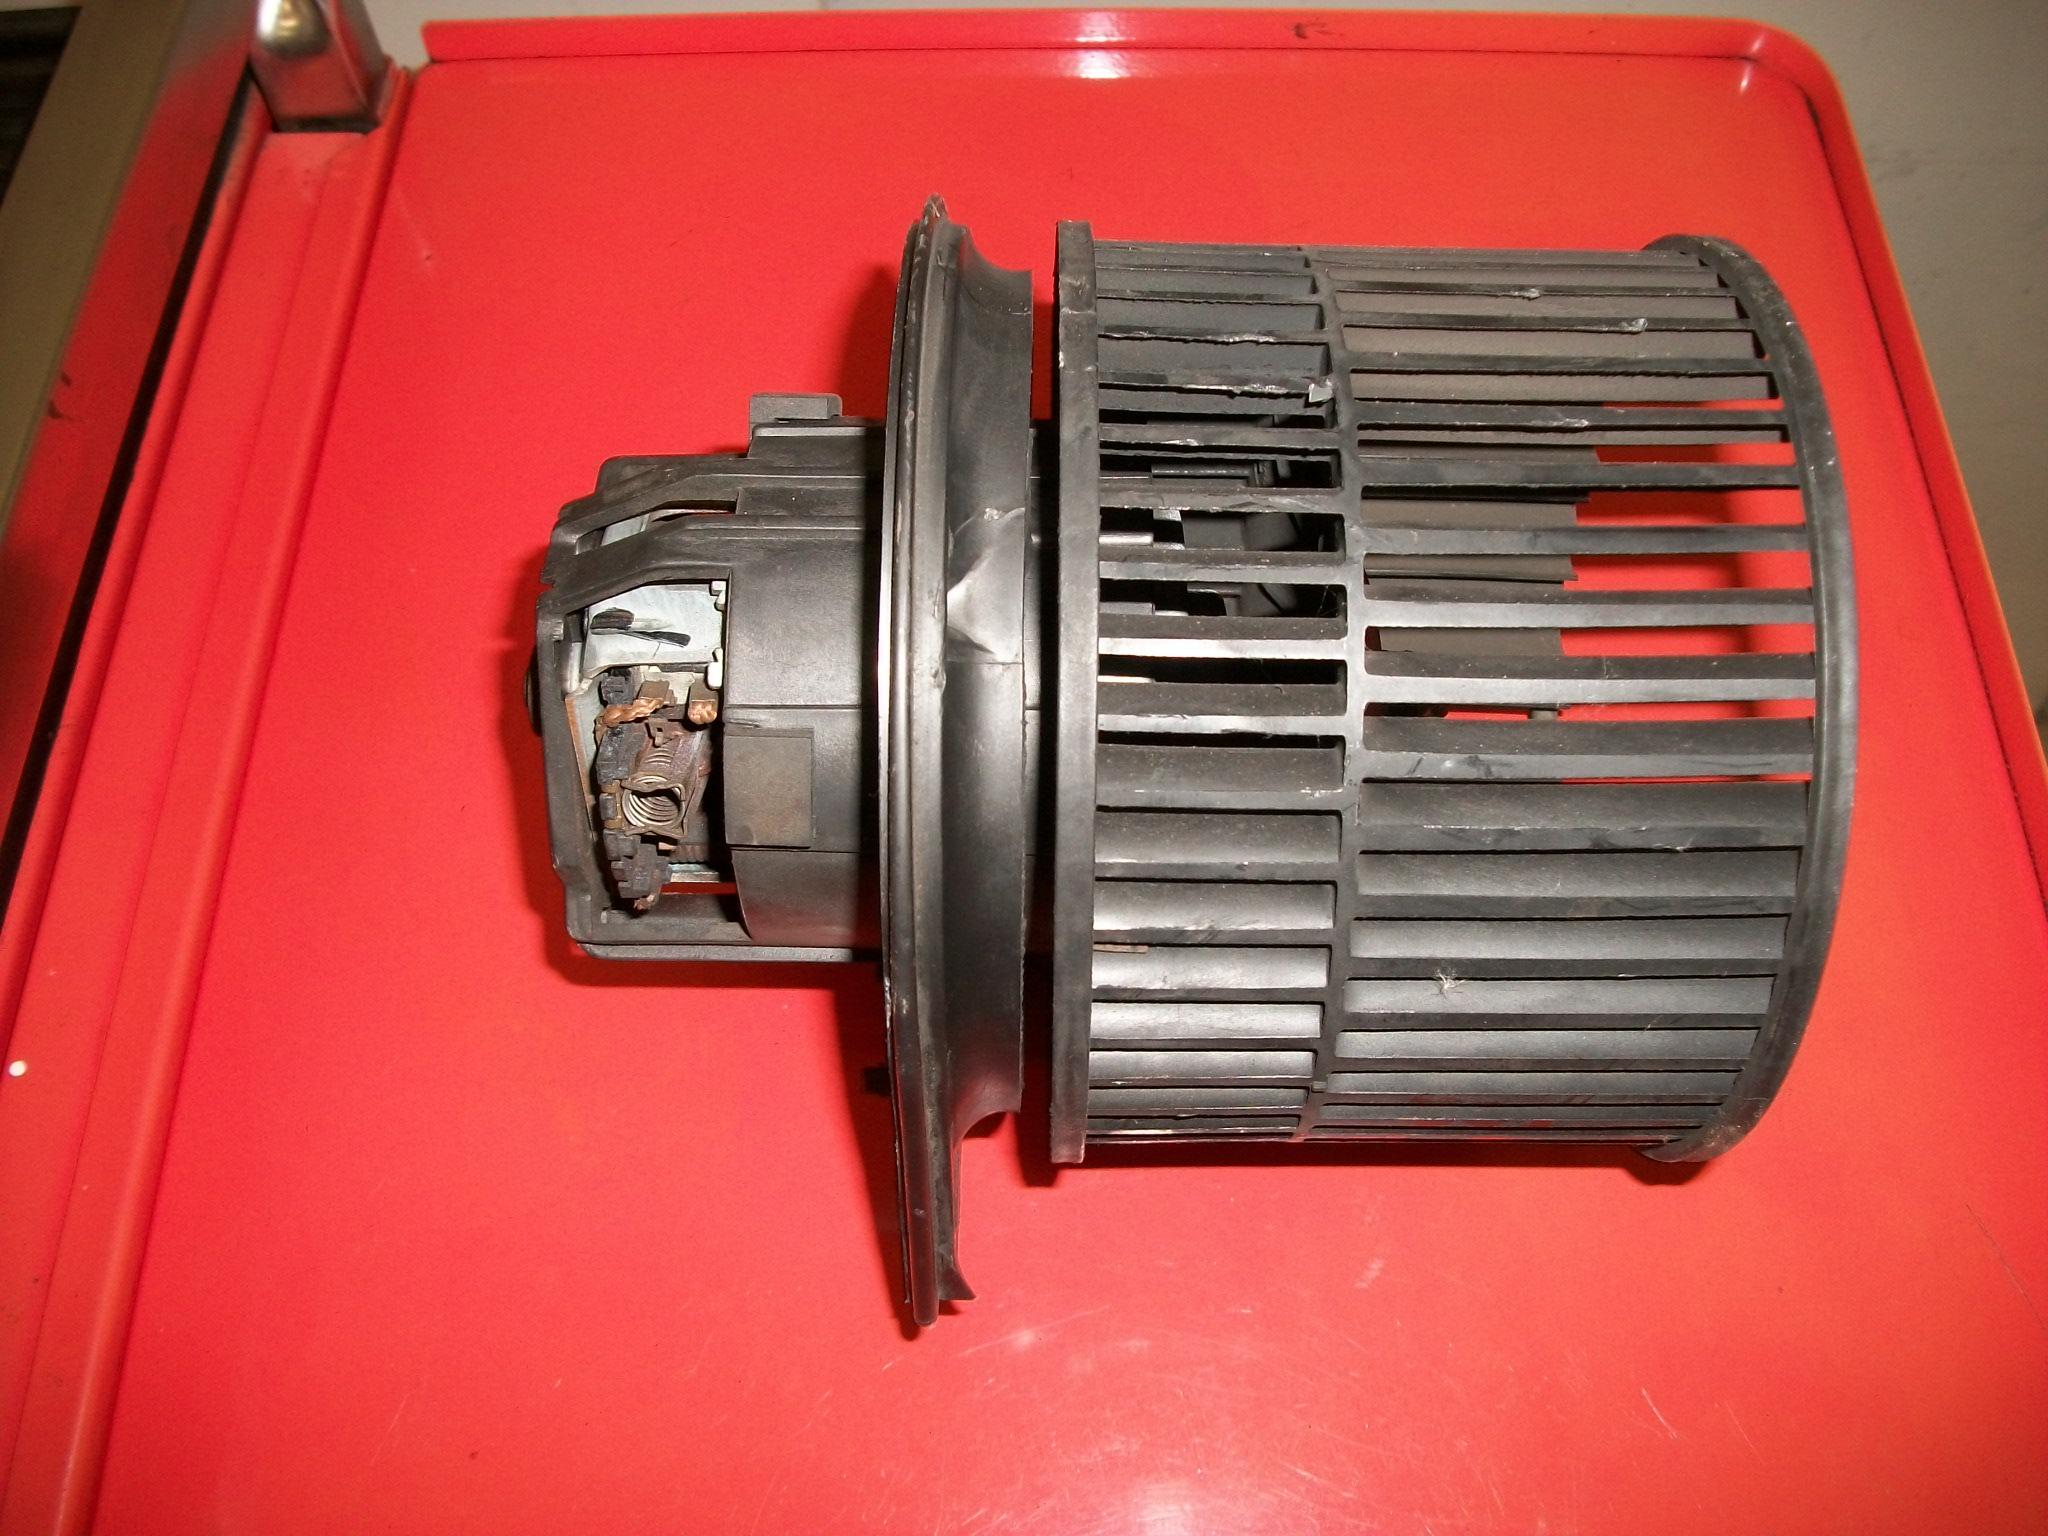 Kachel motor